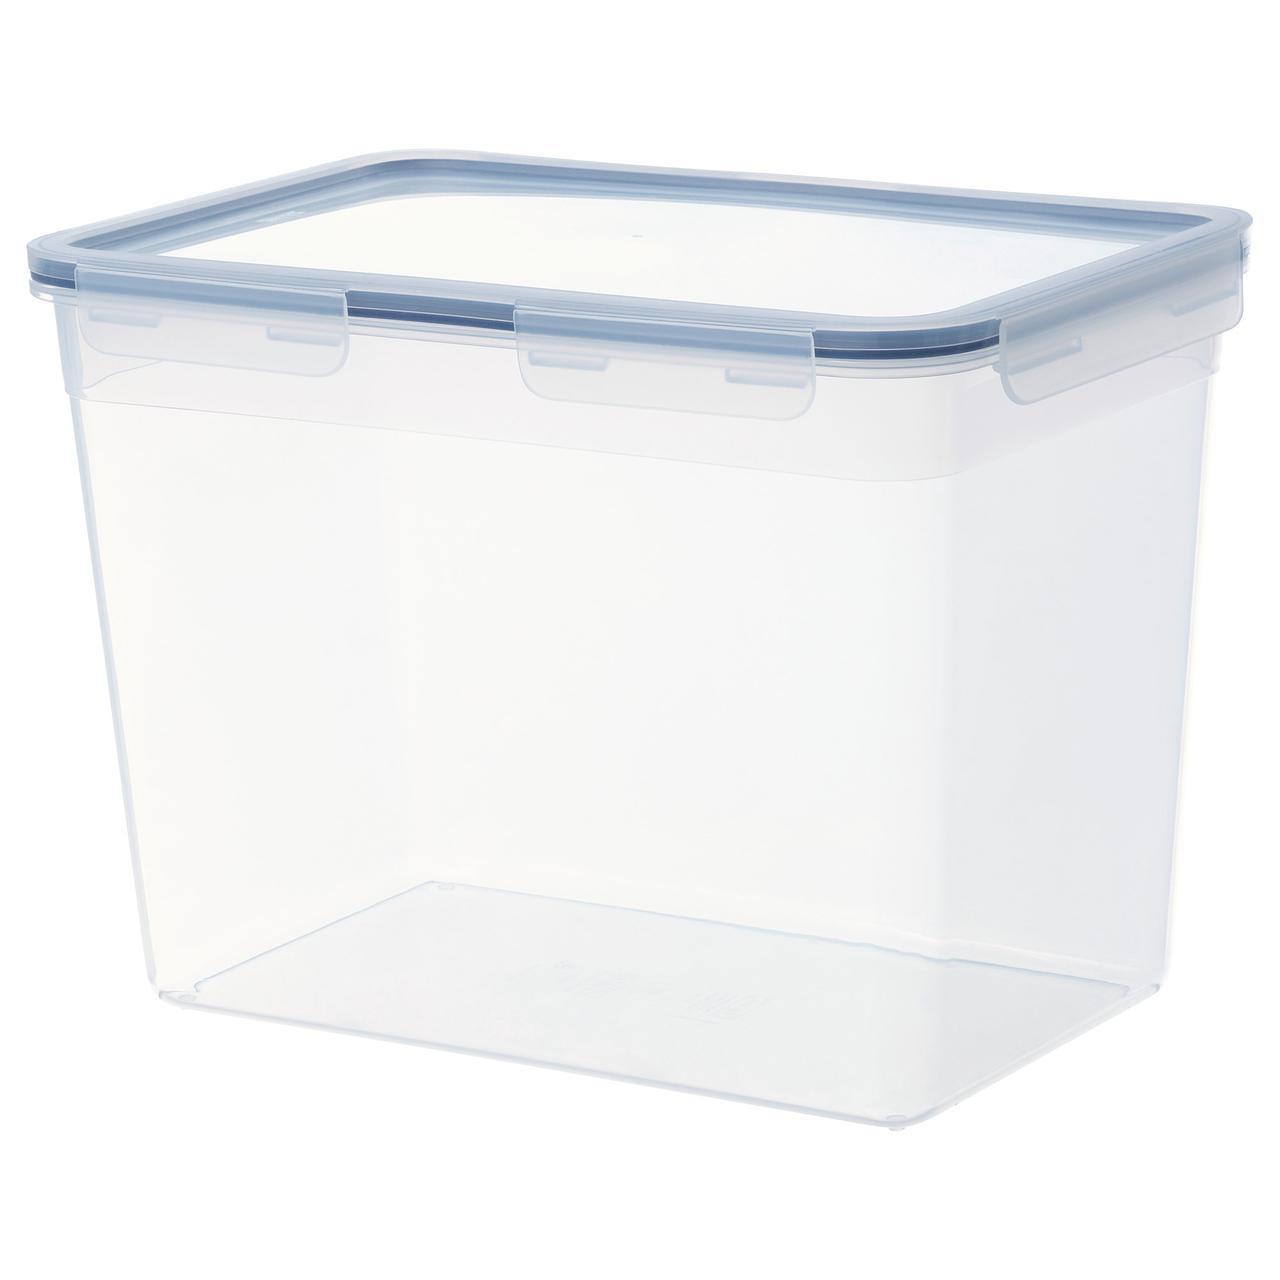 """IKEA """"ИКЕА/365+""""Контейнер для продуктов с крышкой, прямоугольн формы, пластик"""